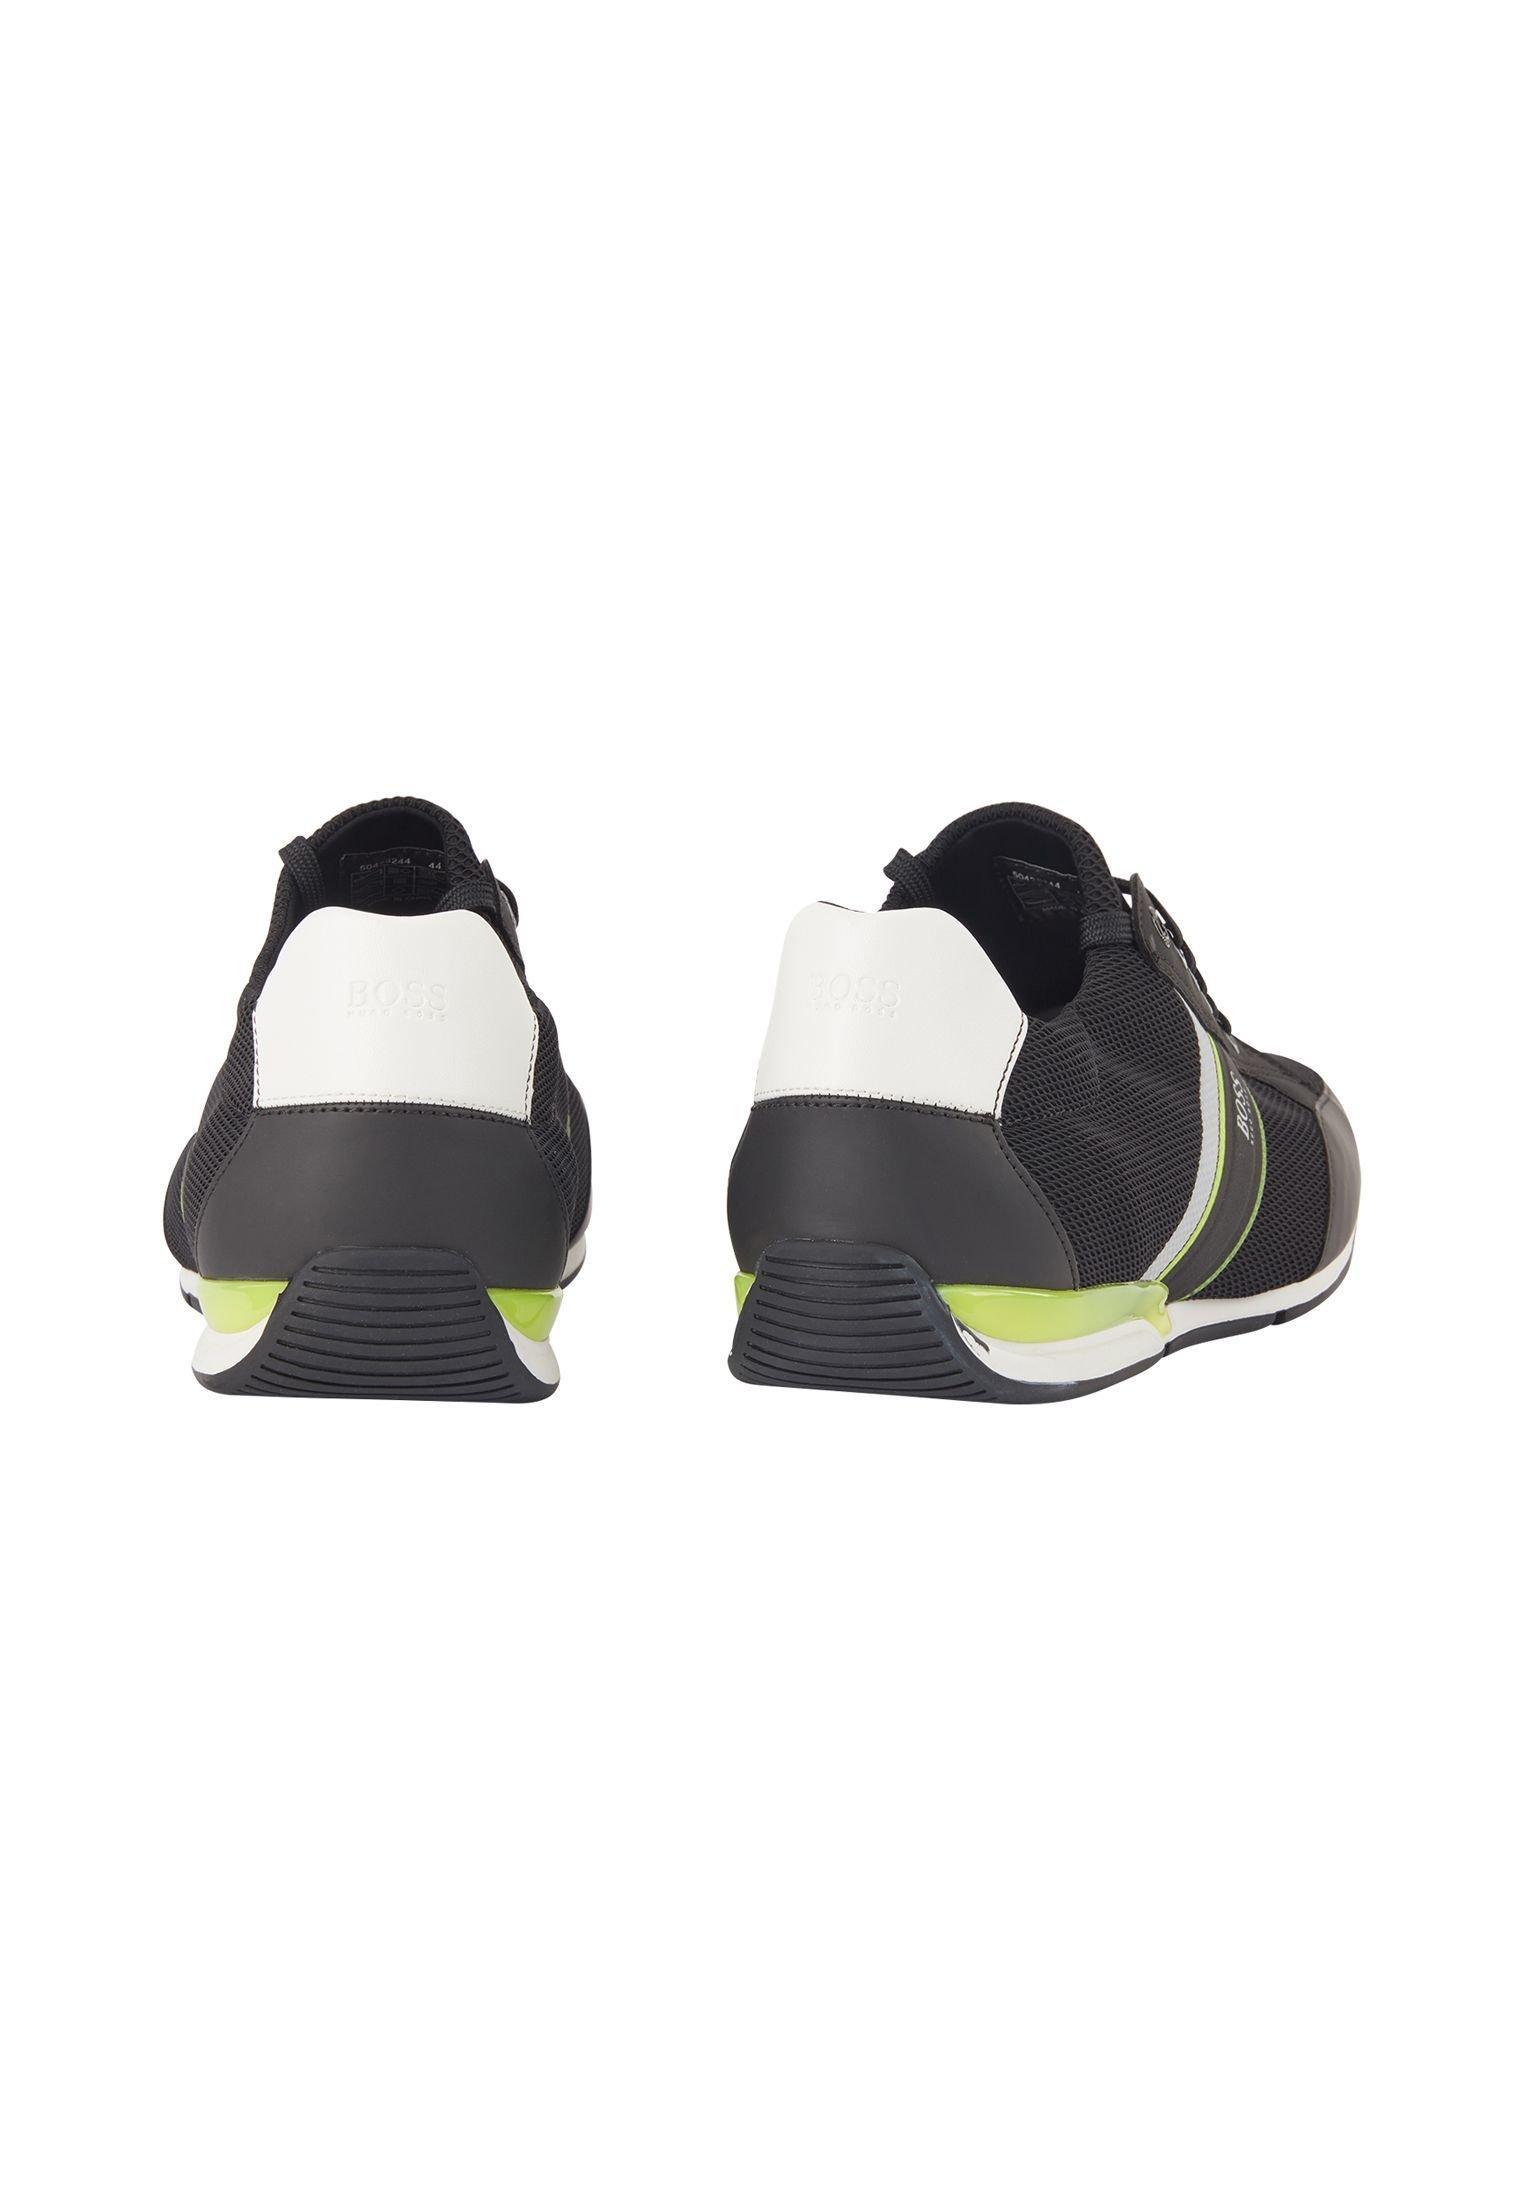 BOSS SATURN SLON MERB - Trainers - black